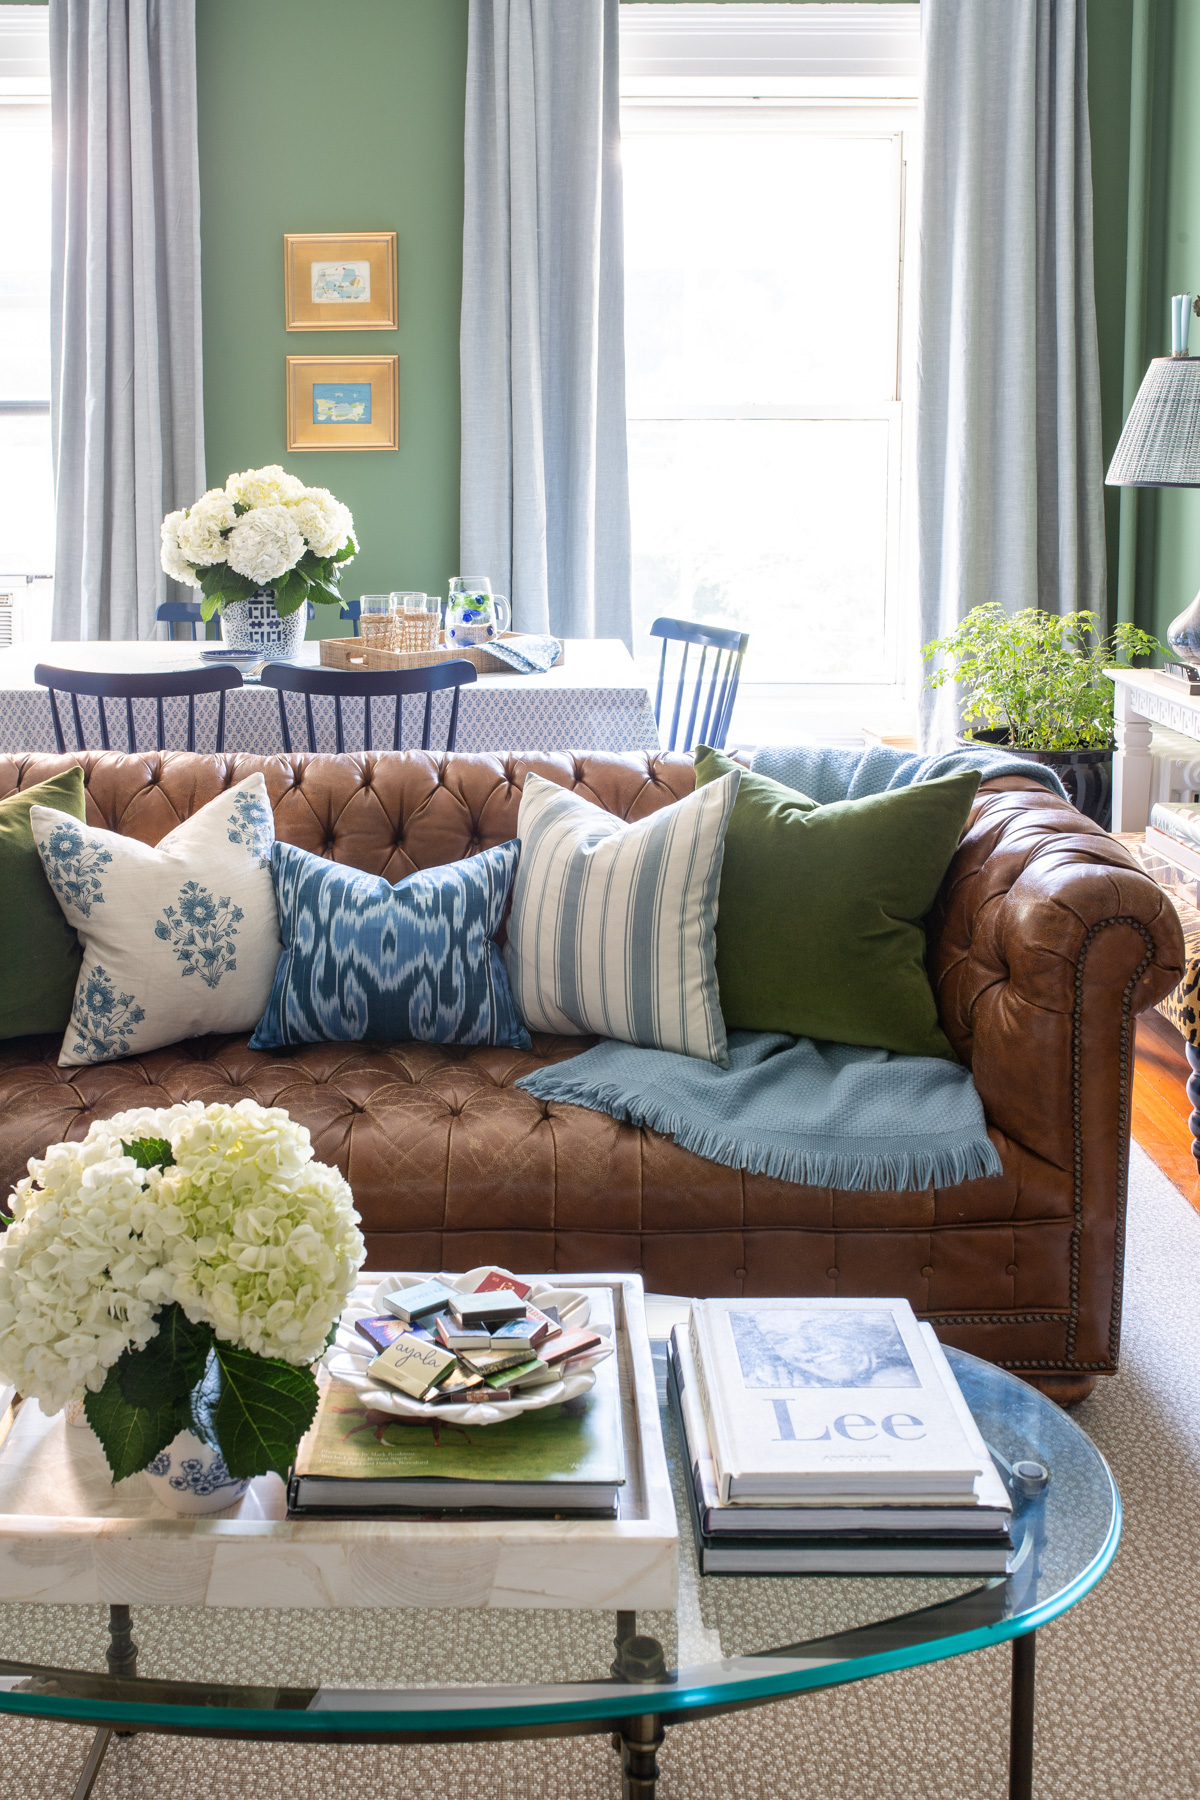 Stacie Flinner x NY Apartment Tour Living Room-3.jpg